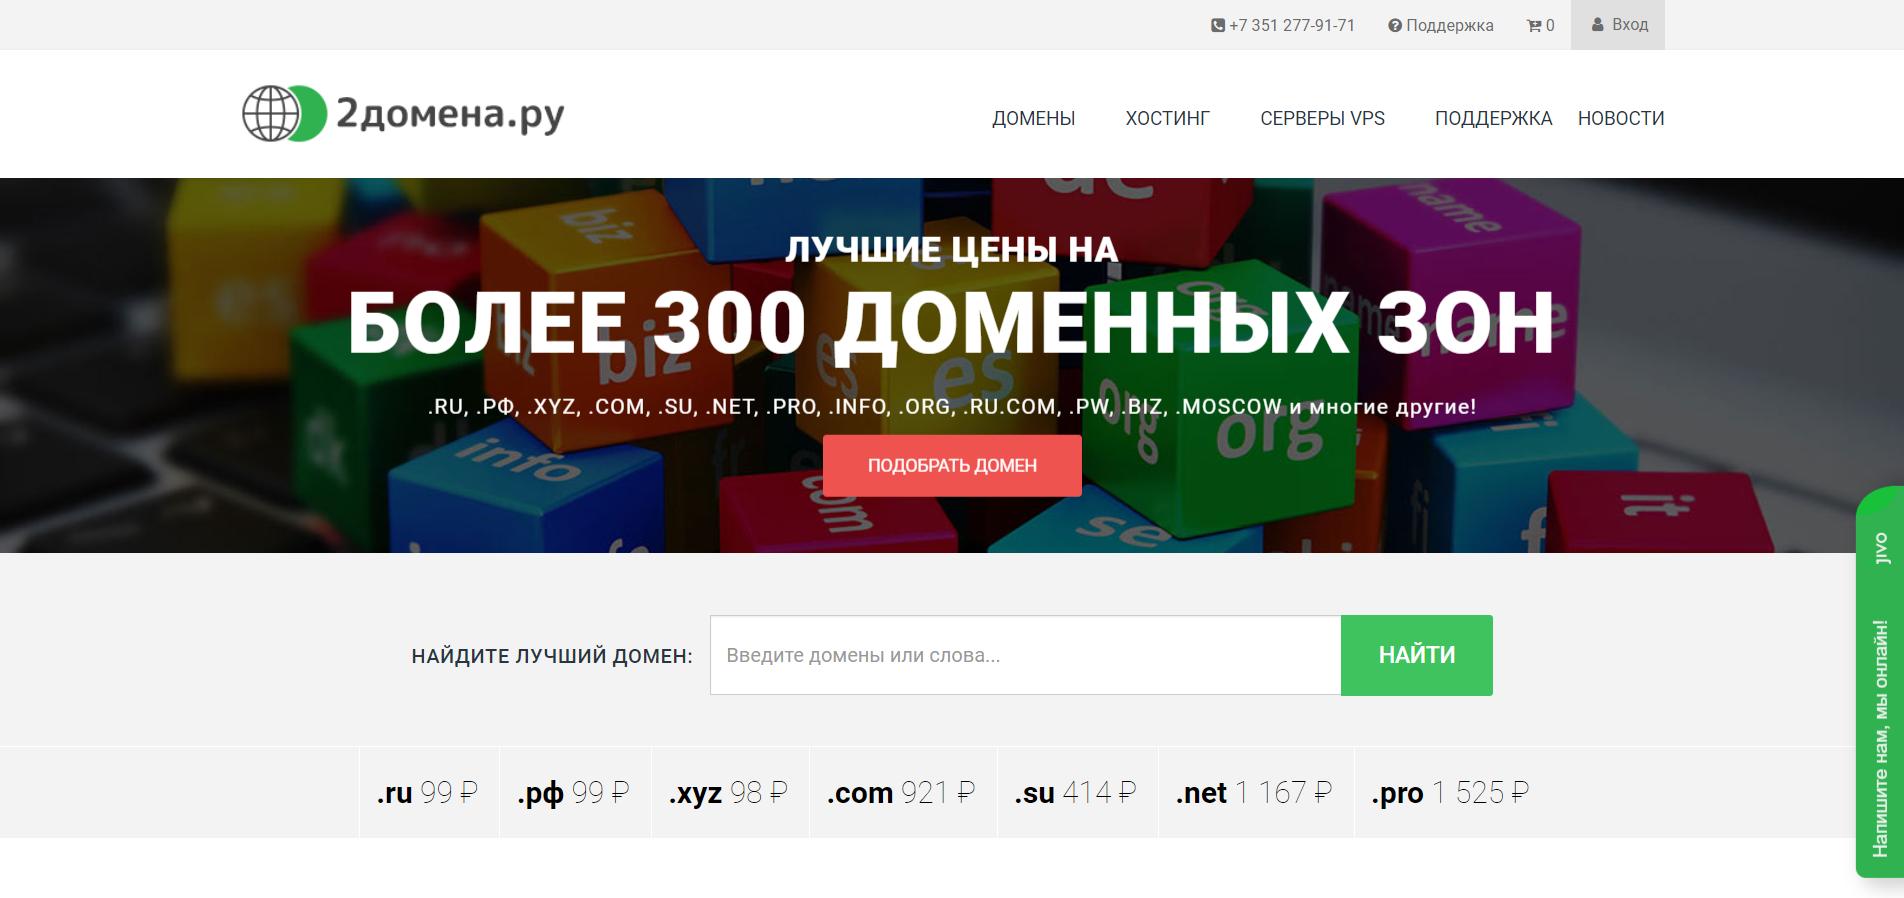 2ДОМЕНА.РУ - Выгодные цены на домены и профессиональный хостинг!